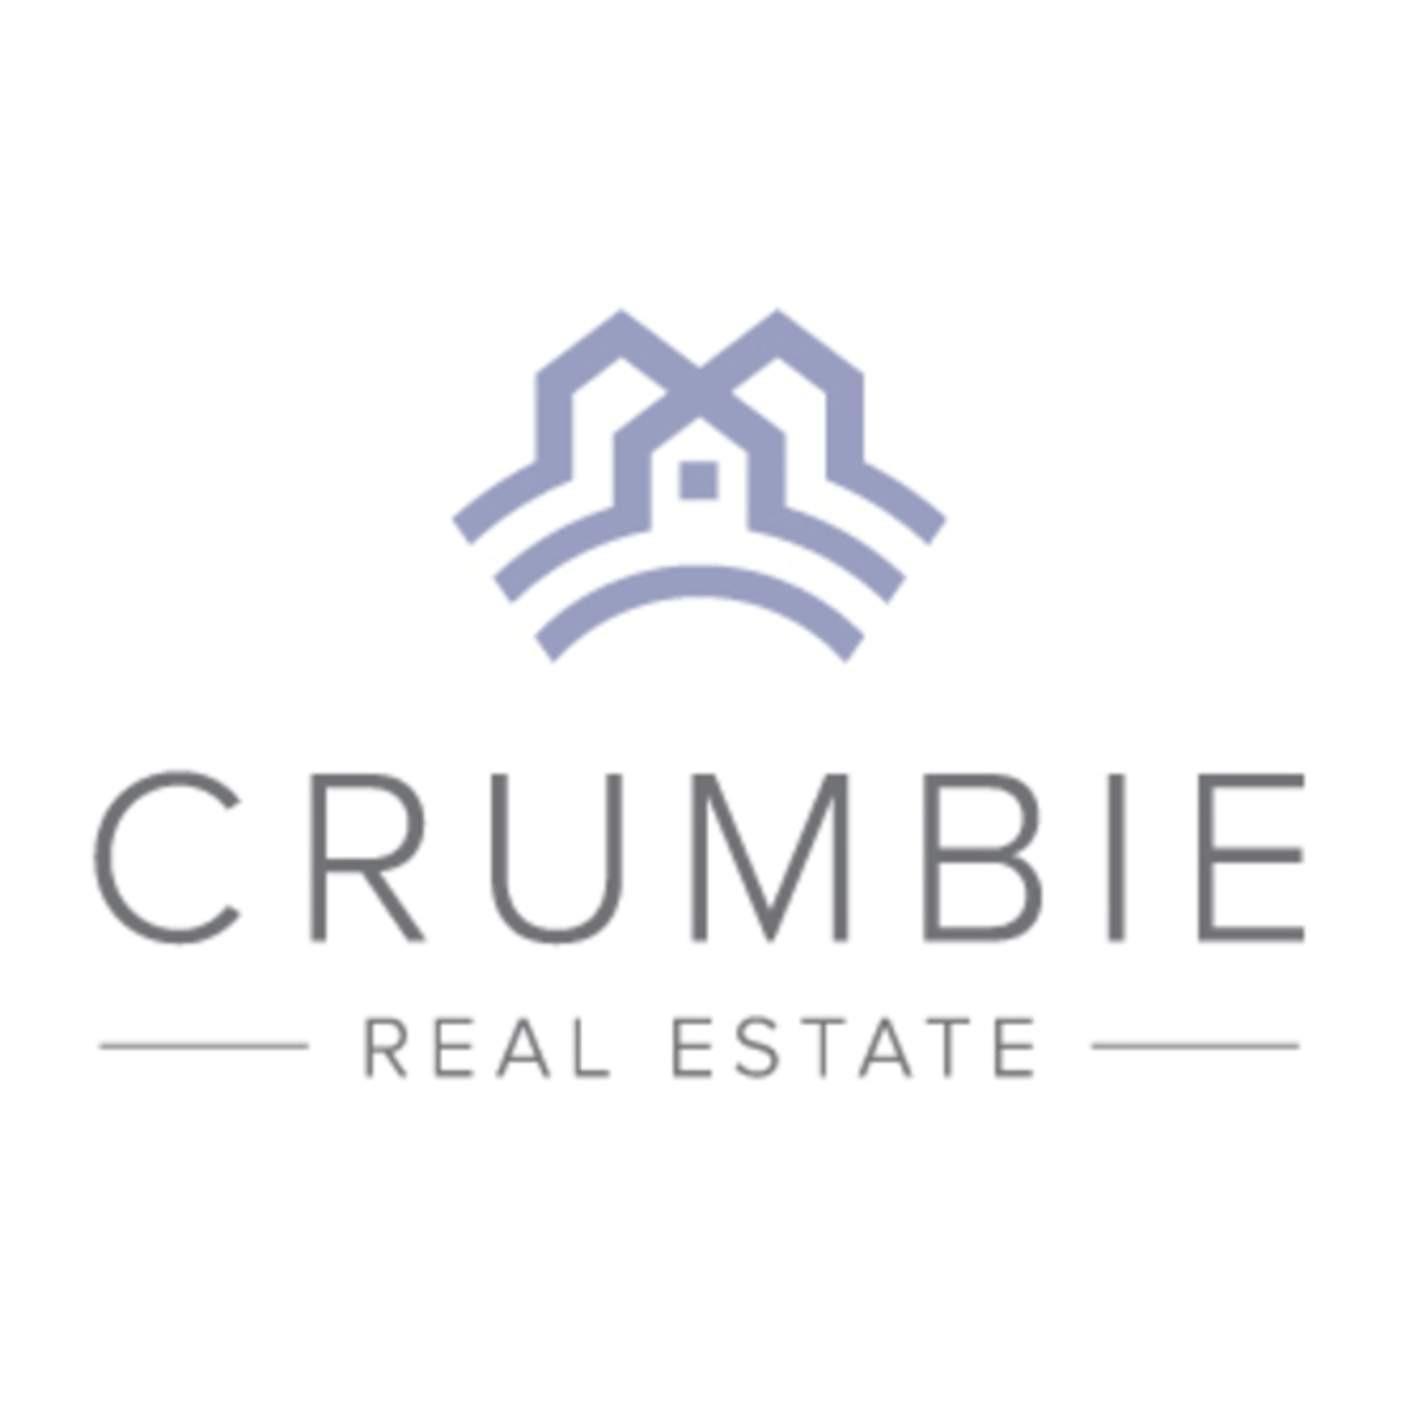 Linda Ford | Crumbie Real Estate LLC image 3